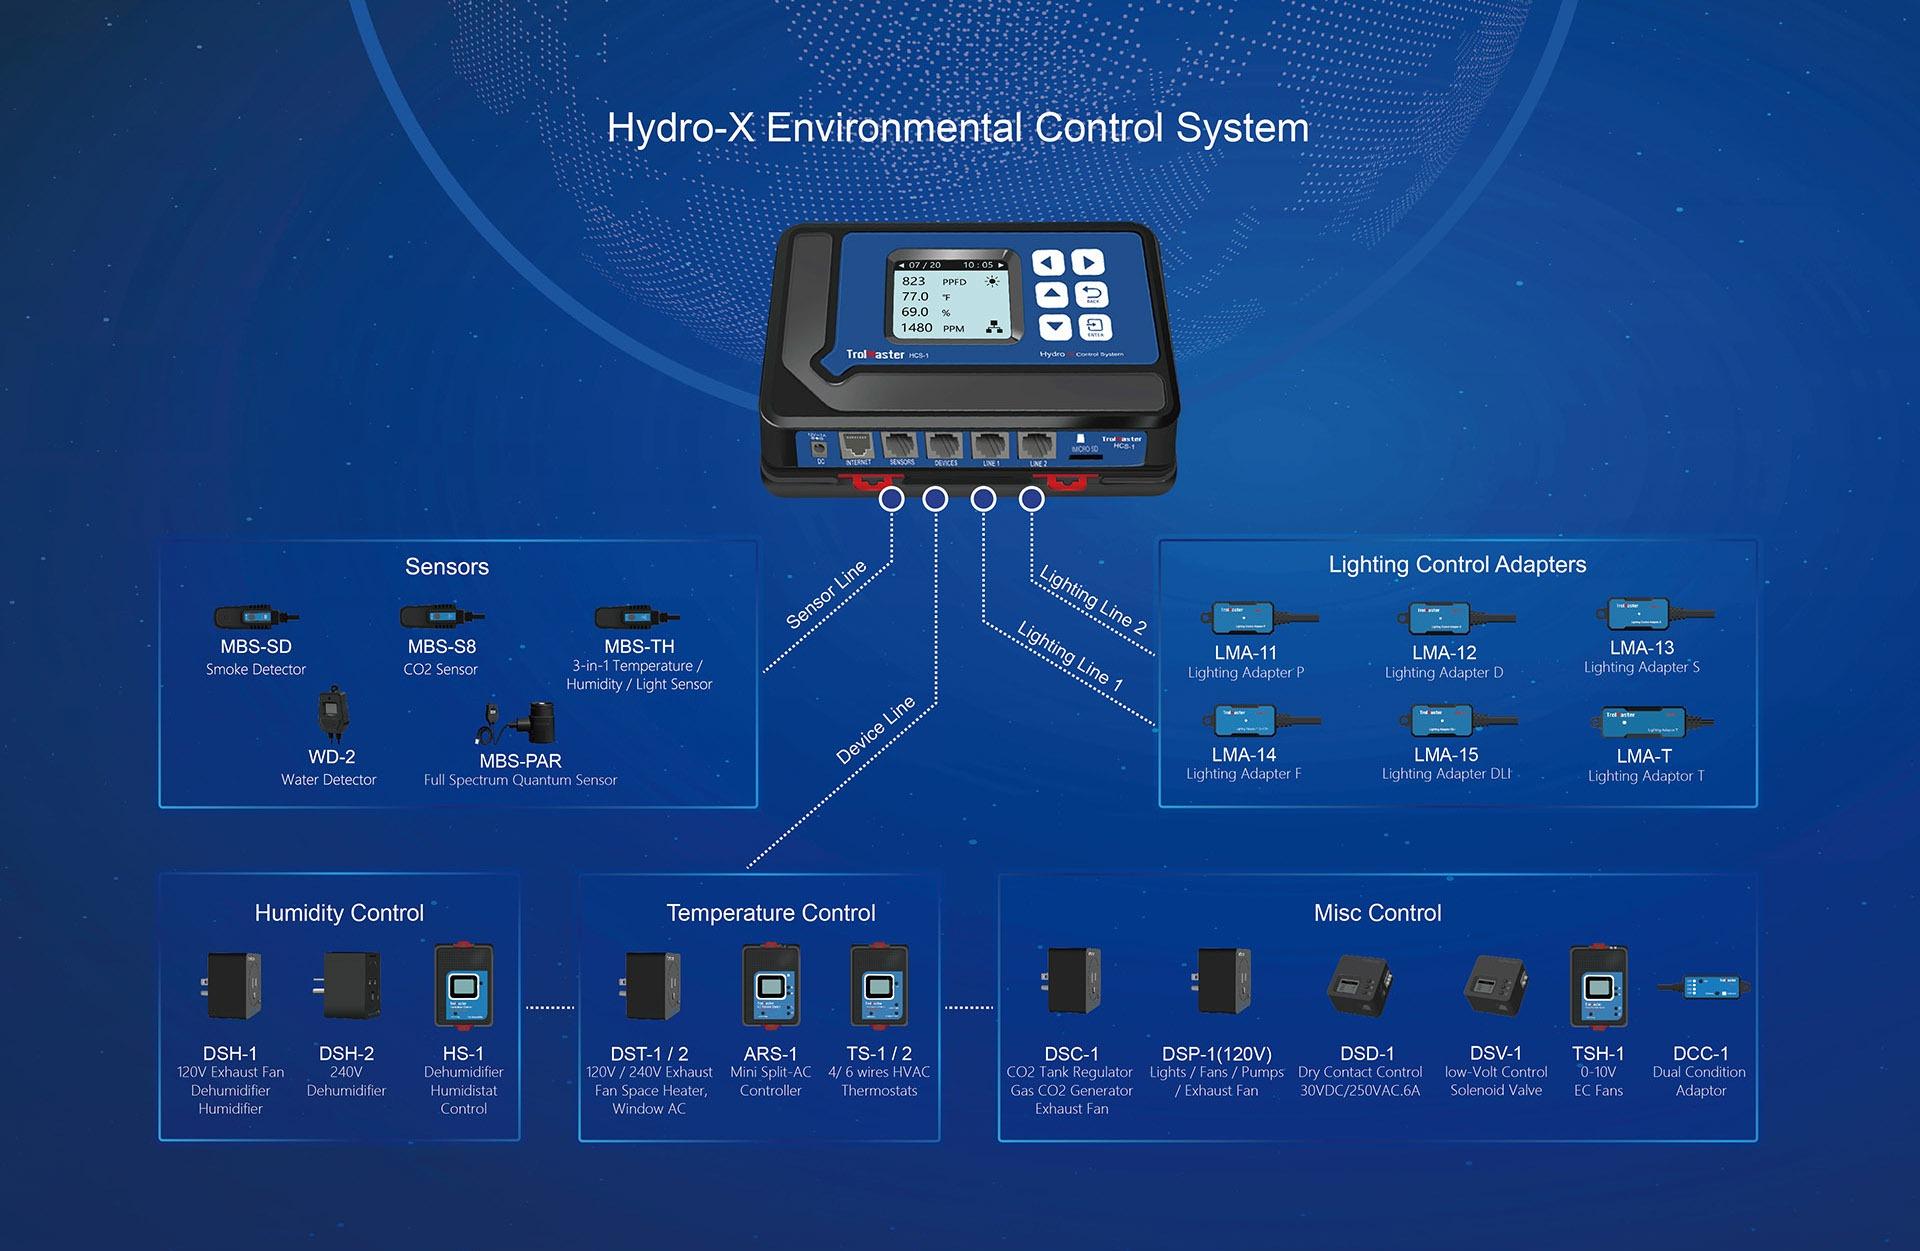 módulos Hydro-X